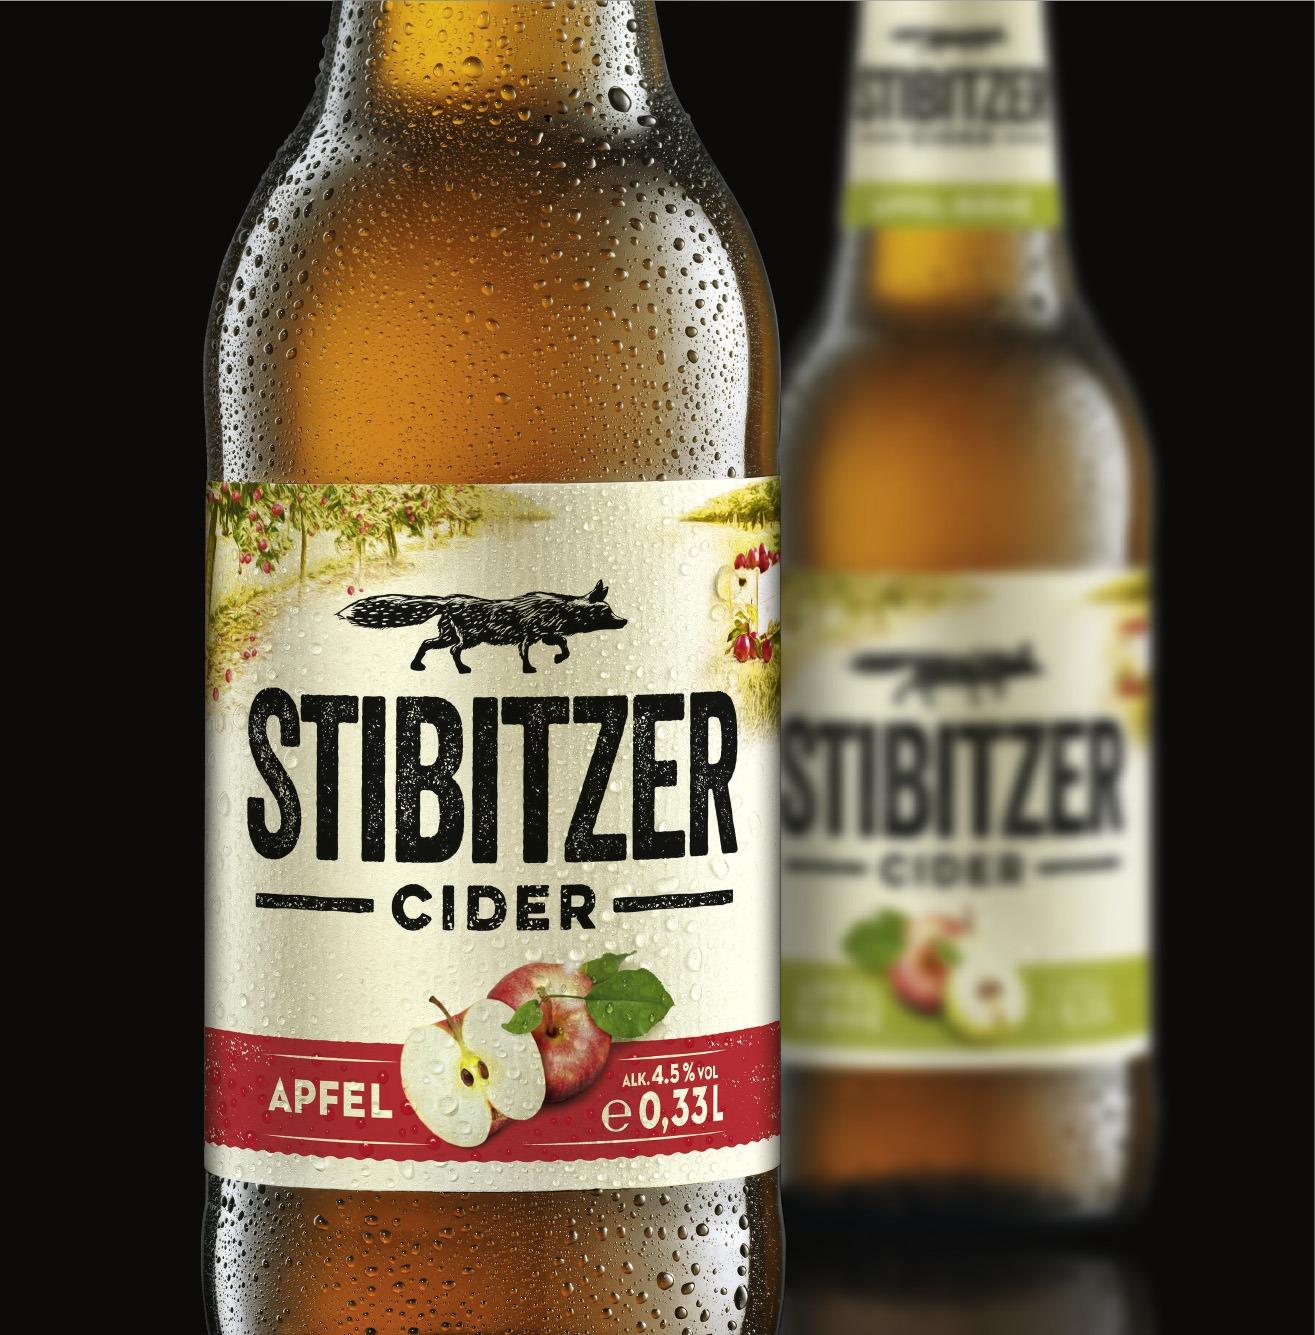 Stibitzer